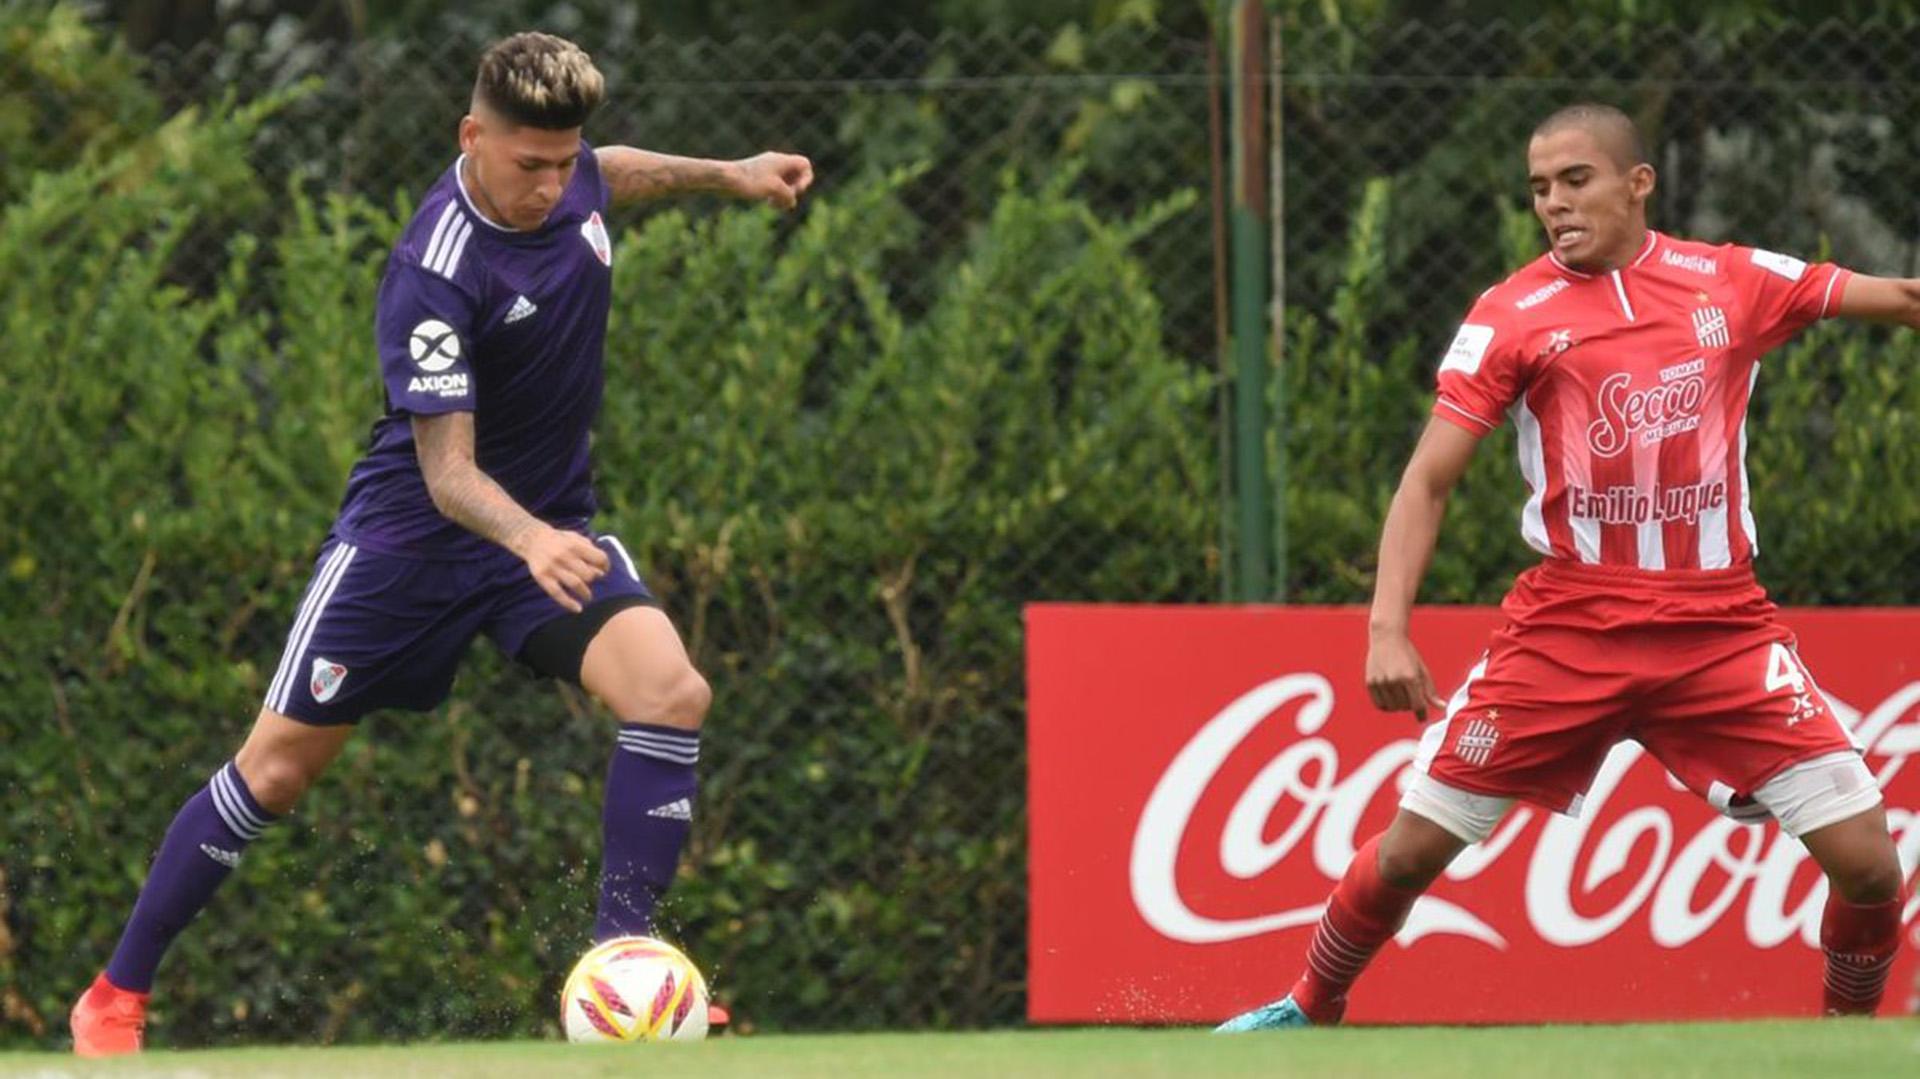 El colombiano jugó como titular por única vez ante Tigre en un duelo correspondiente a la Superliga